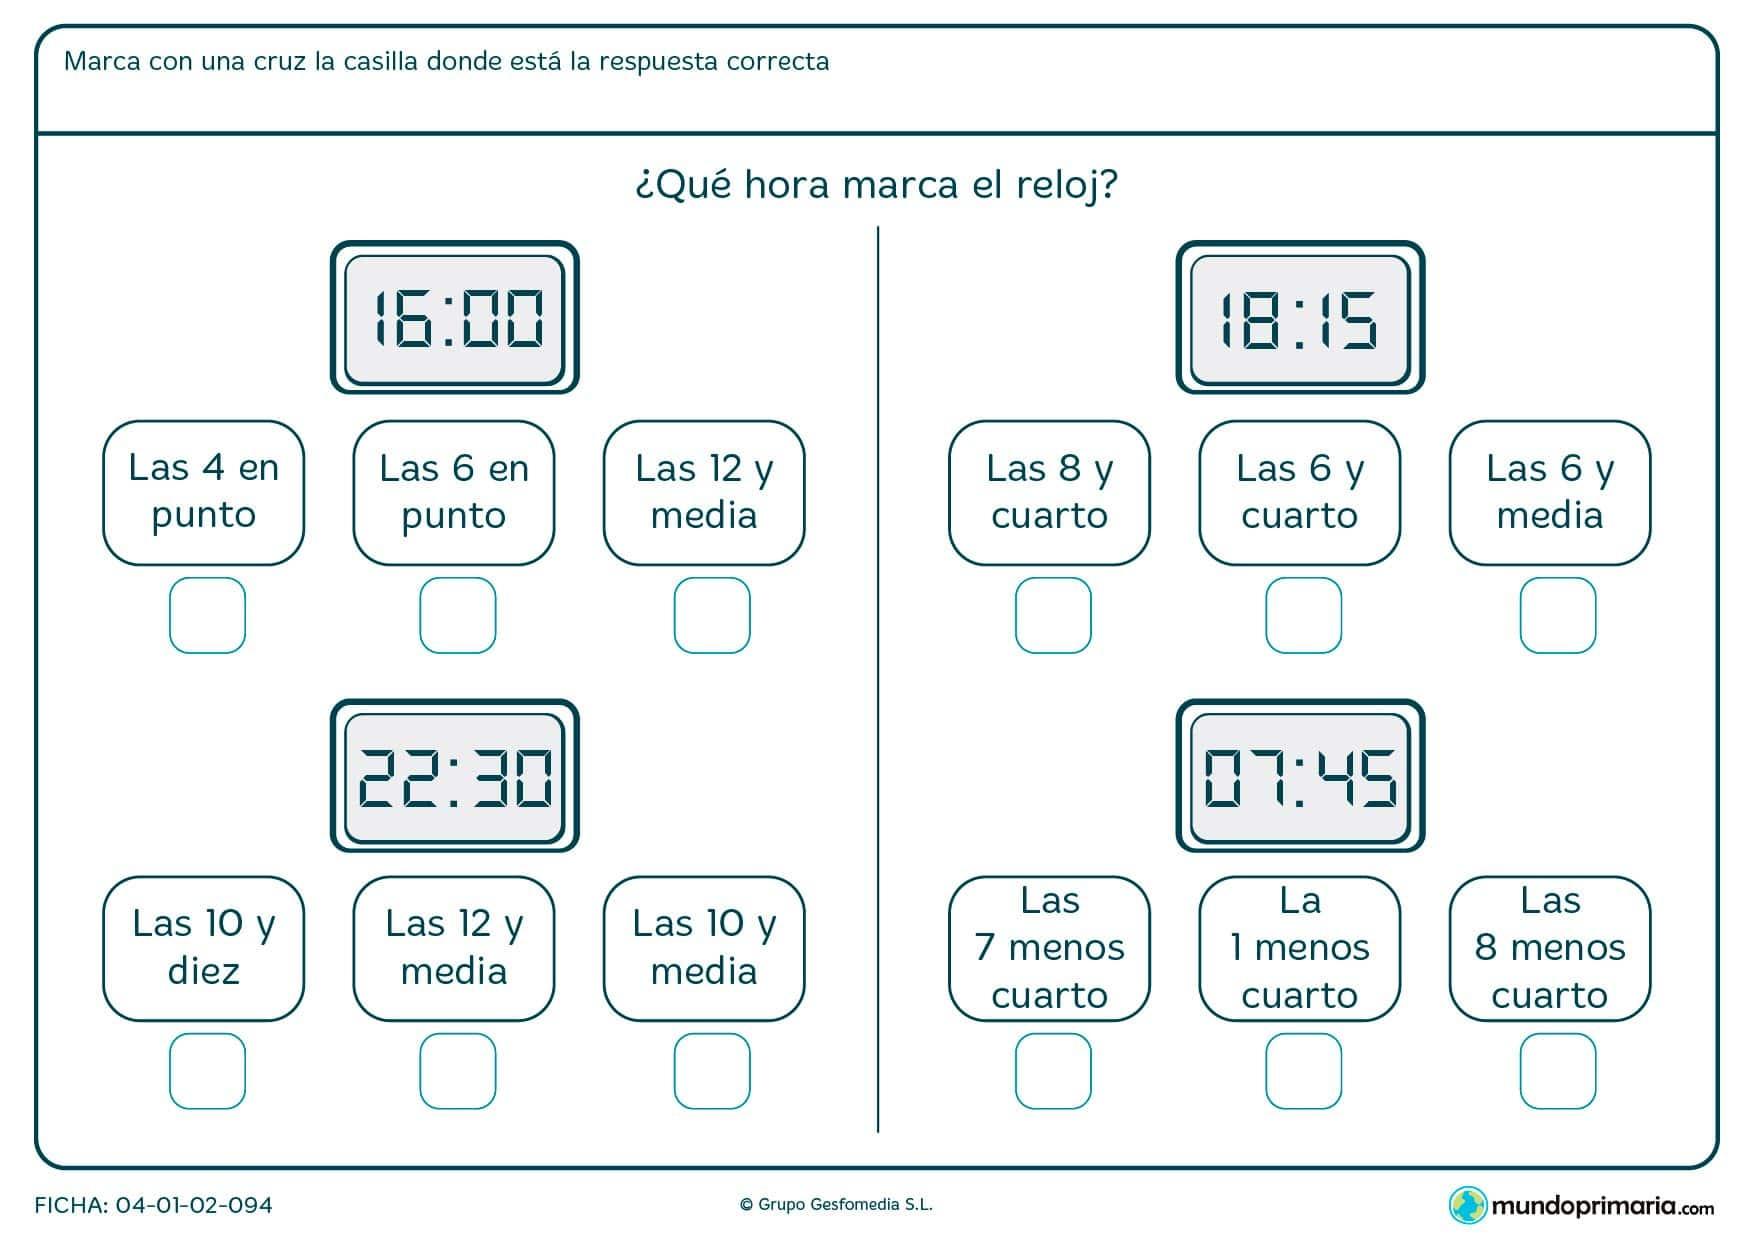 Ficha de reloj digital para leer su hora y contestar a la pregunta de forma idónea.